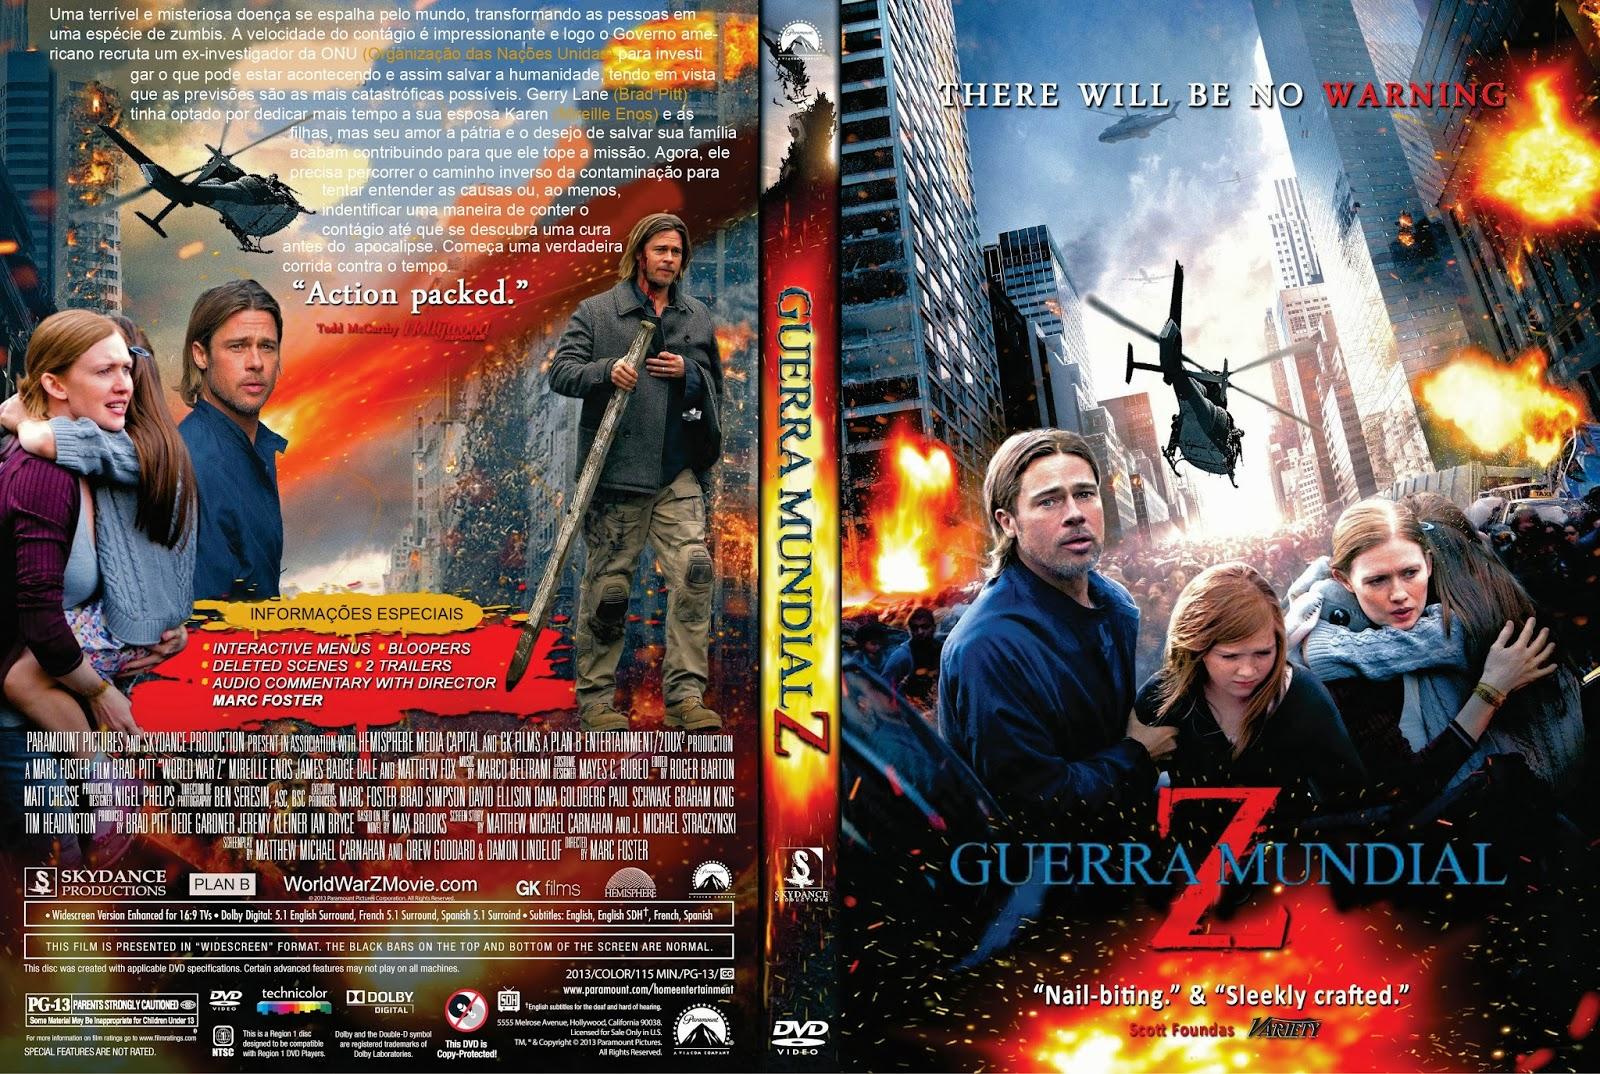 Free play dvd movie